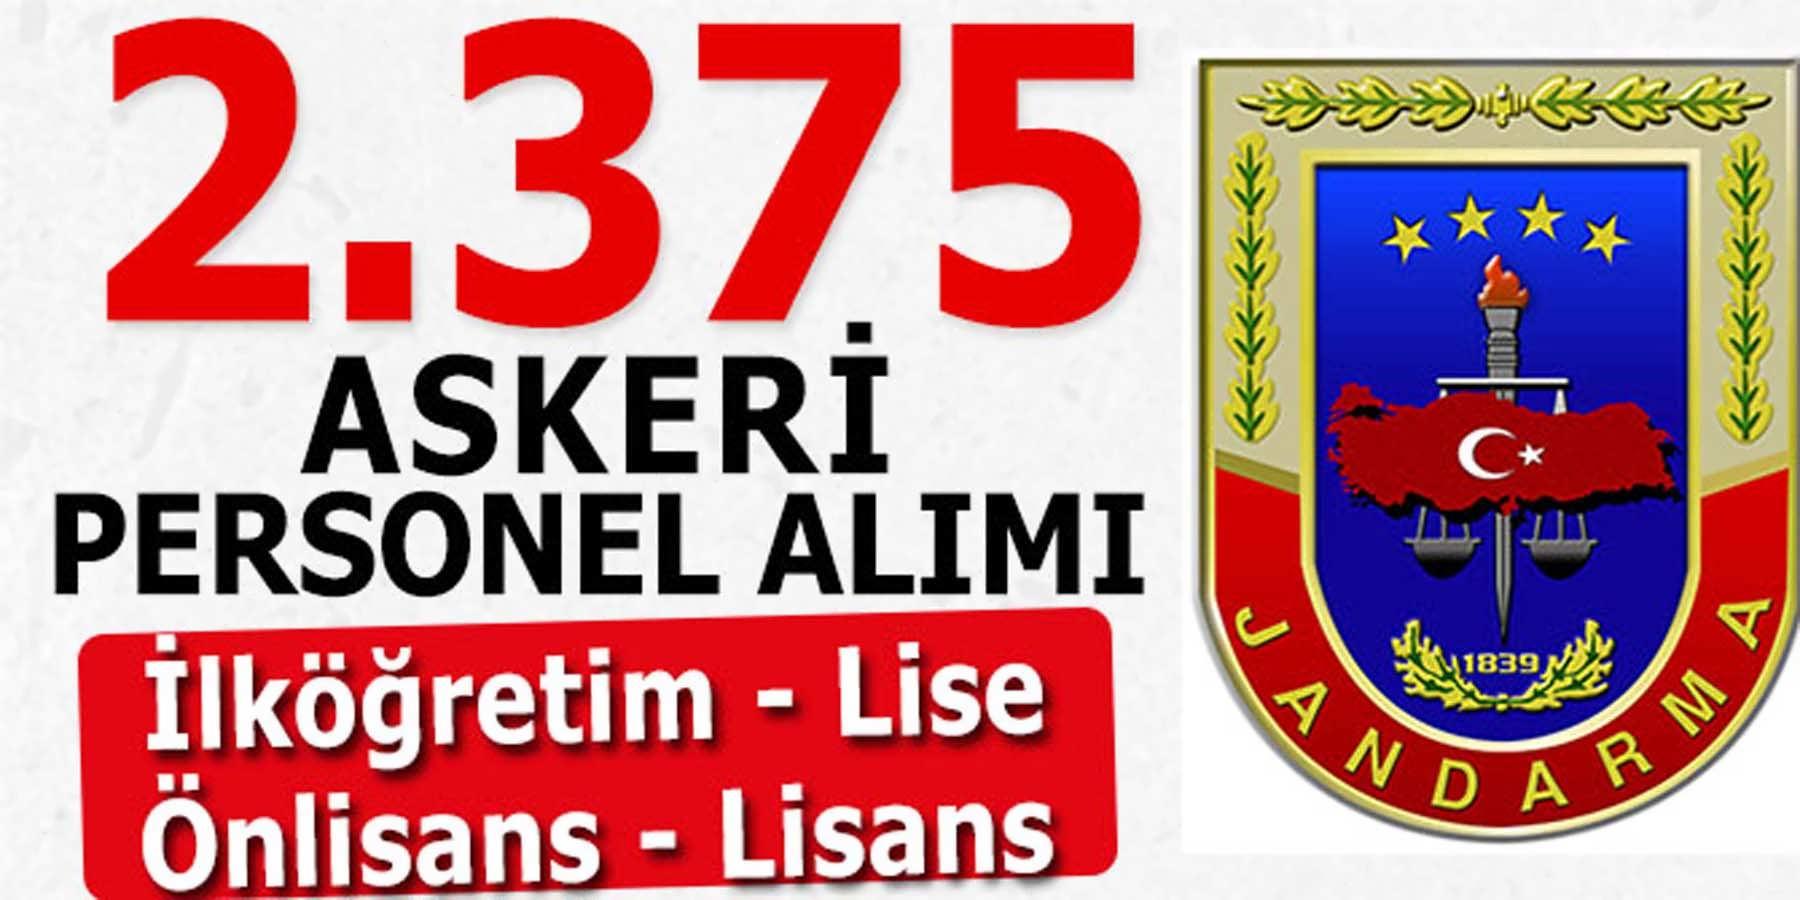 JGK 2375 Askeri Personel Alımı